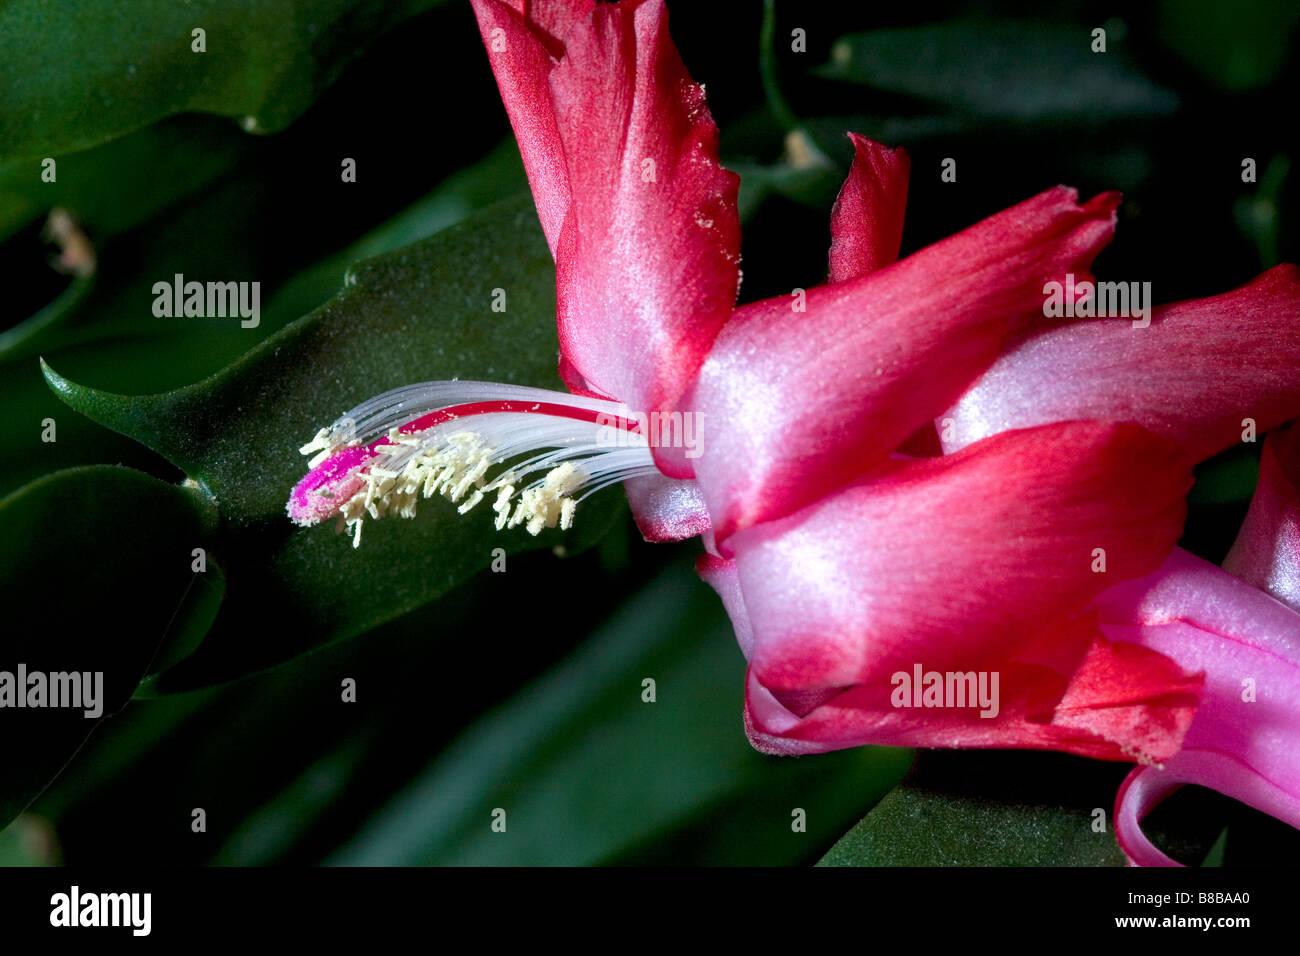 La flor de un cactus de navidad Imagen De Stock